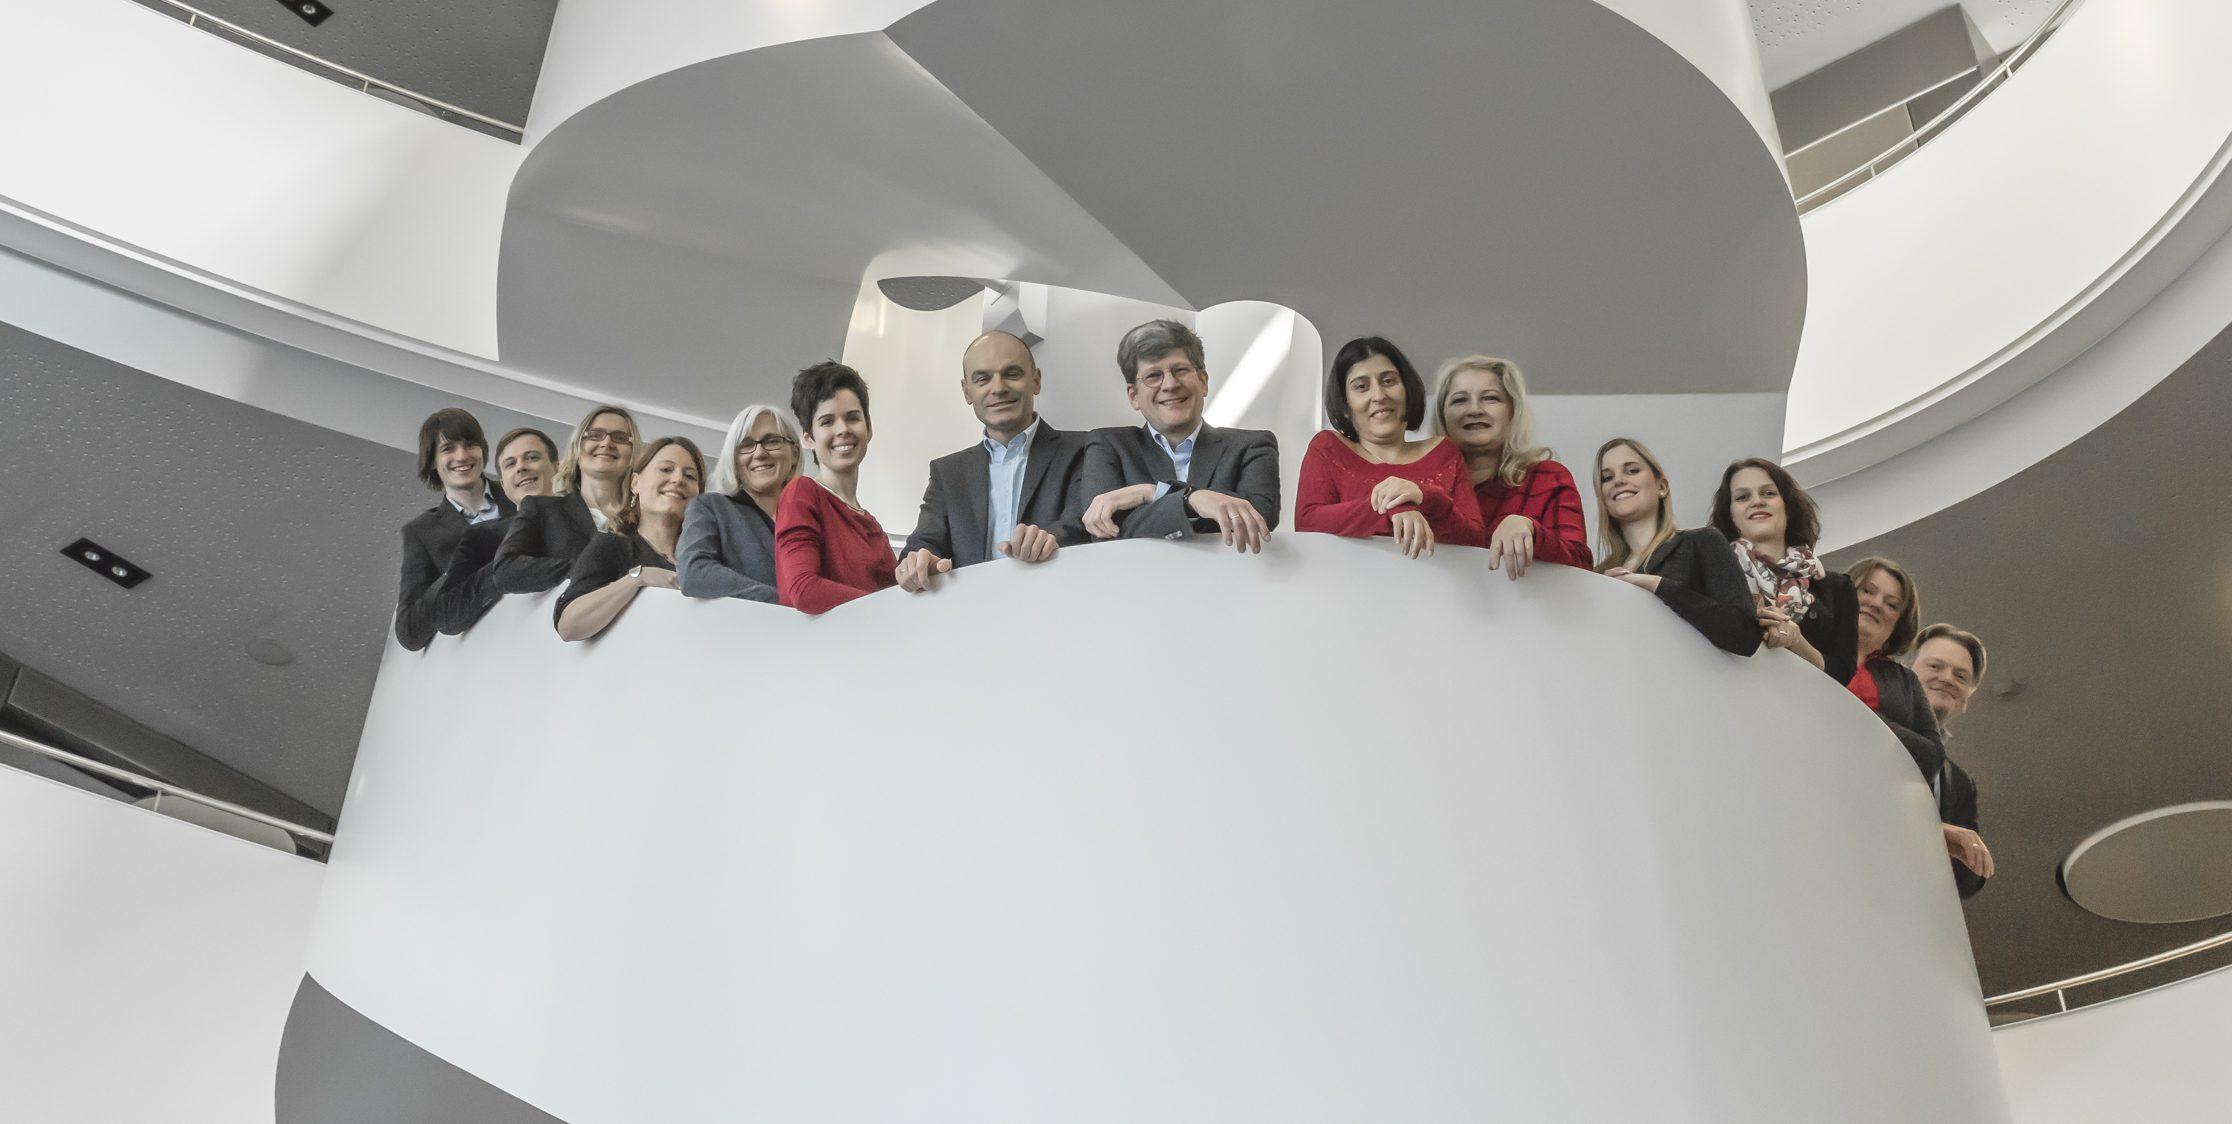 Gruppenbild MOLIT Institut gGmbH mit den Kooperationspartnern Tumorzentrum-Heilbronn-Franken der SLK-Kliniken und GECKO Institut für Medizin, Informatik und Ökonomie der Hochschule Heilbronn